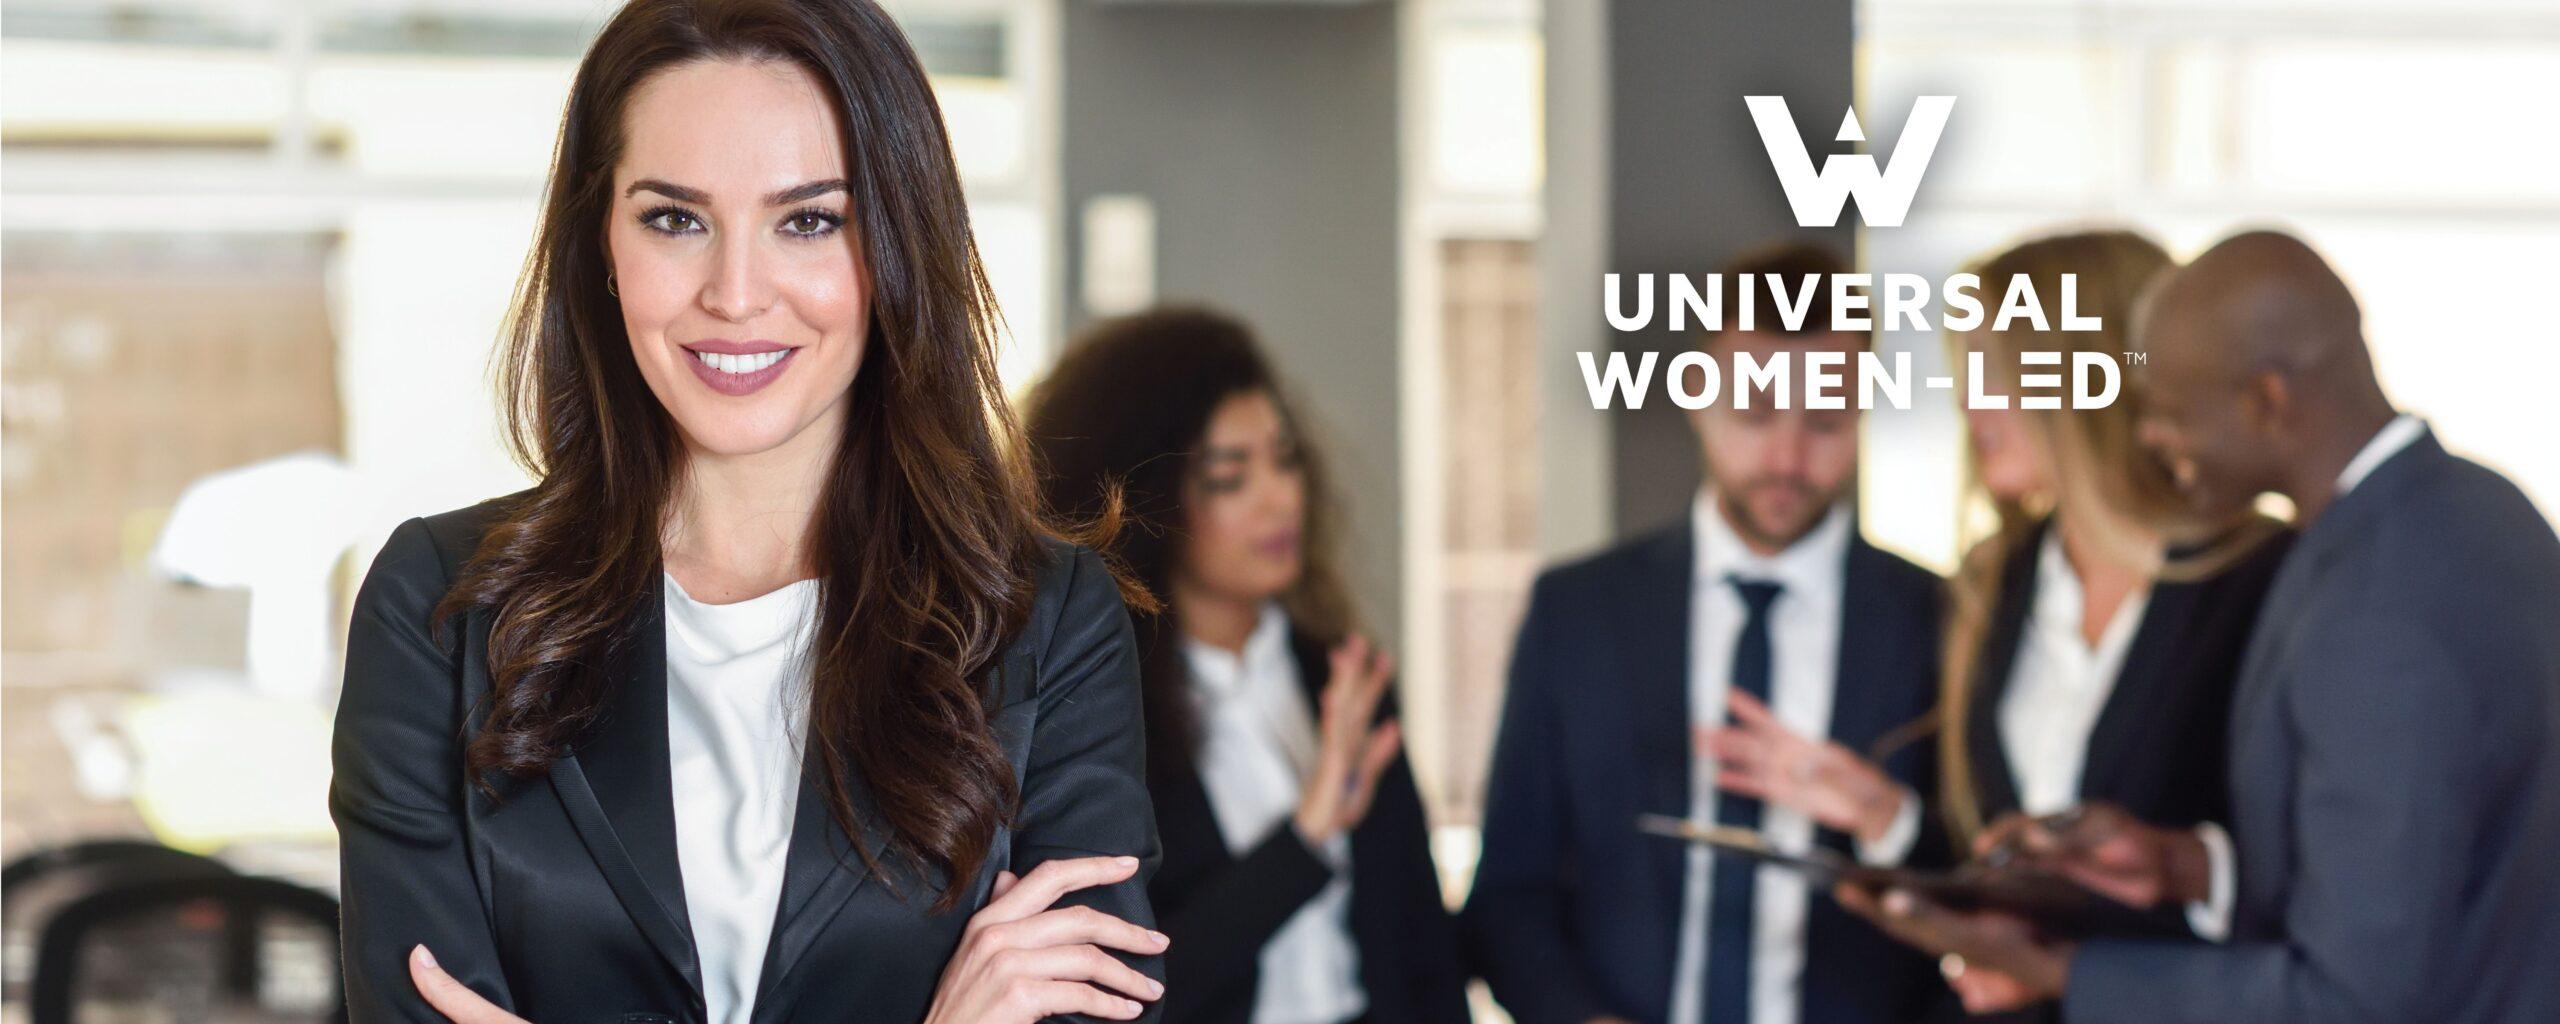 Women Led Slide 1